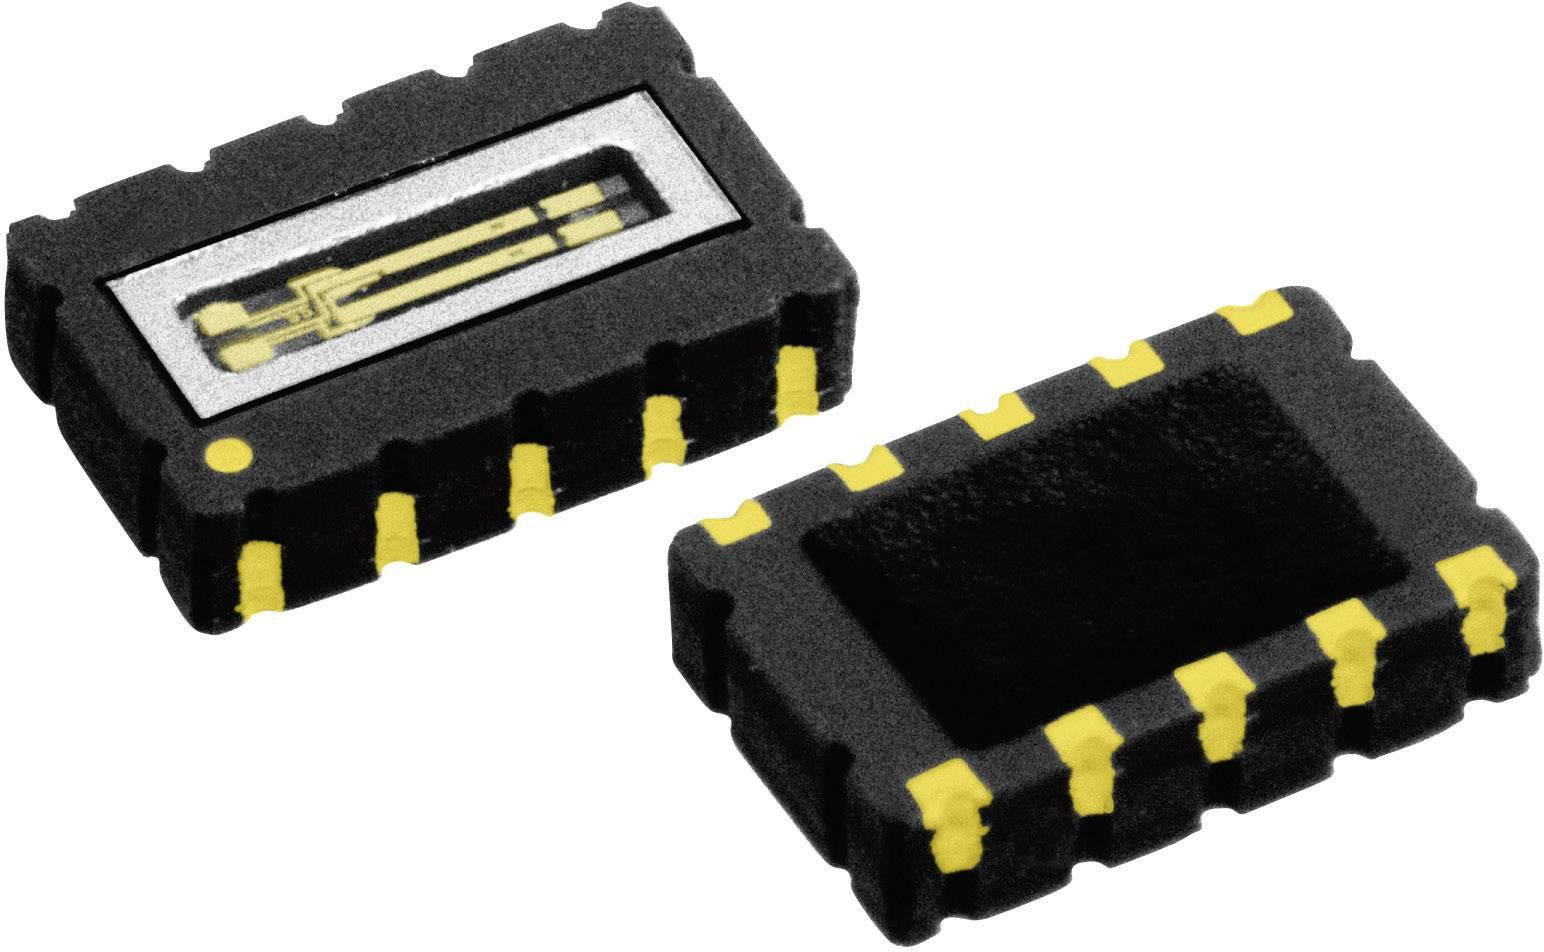 SMD krystal MicroCrystal RV-3049-C2-TA Option B, 5 x 3,2 x 1,2 mm